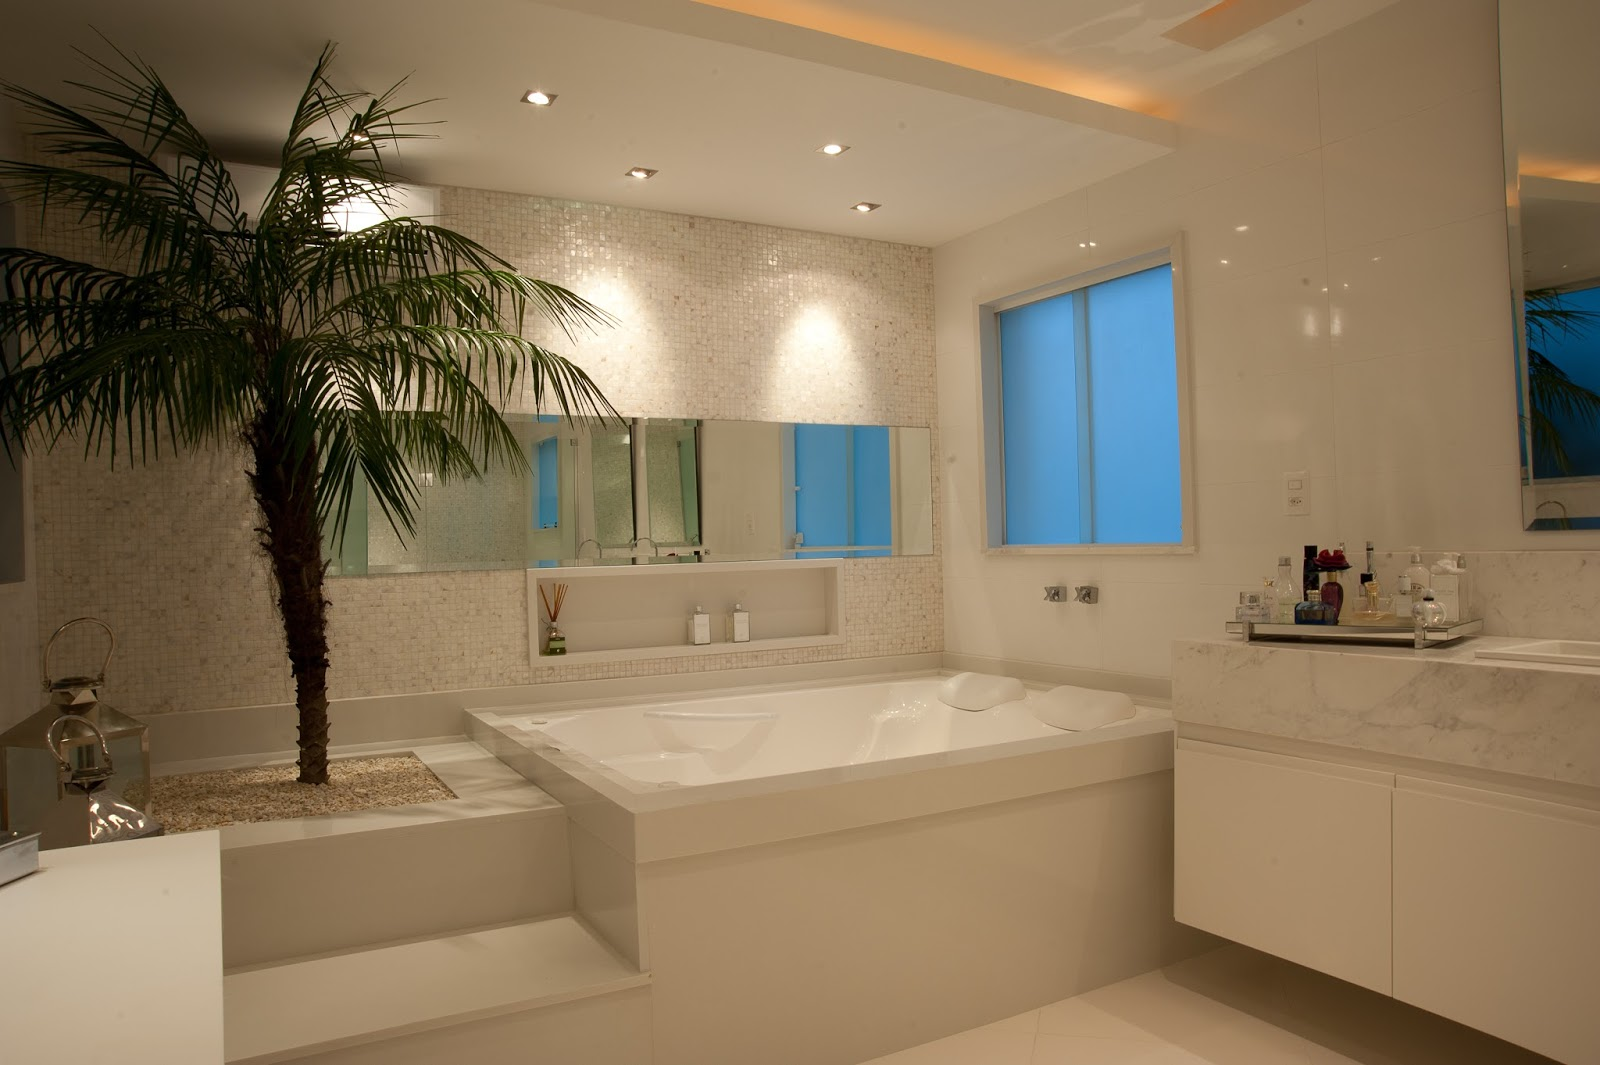 banheiro bancada maquiagem penteadeira cantinho moderno decor salteado  #9E742D 1600x1065